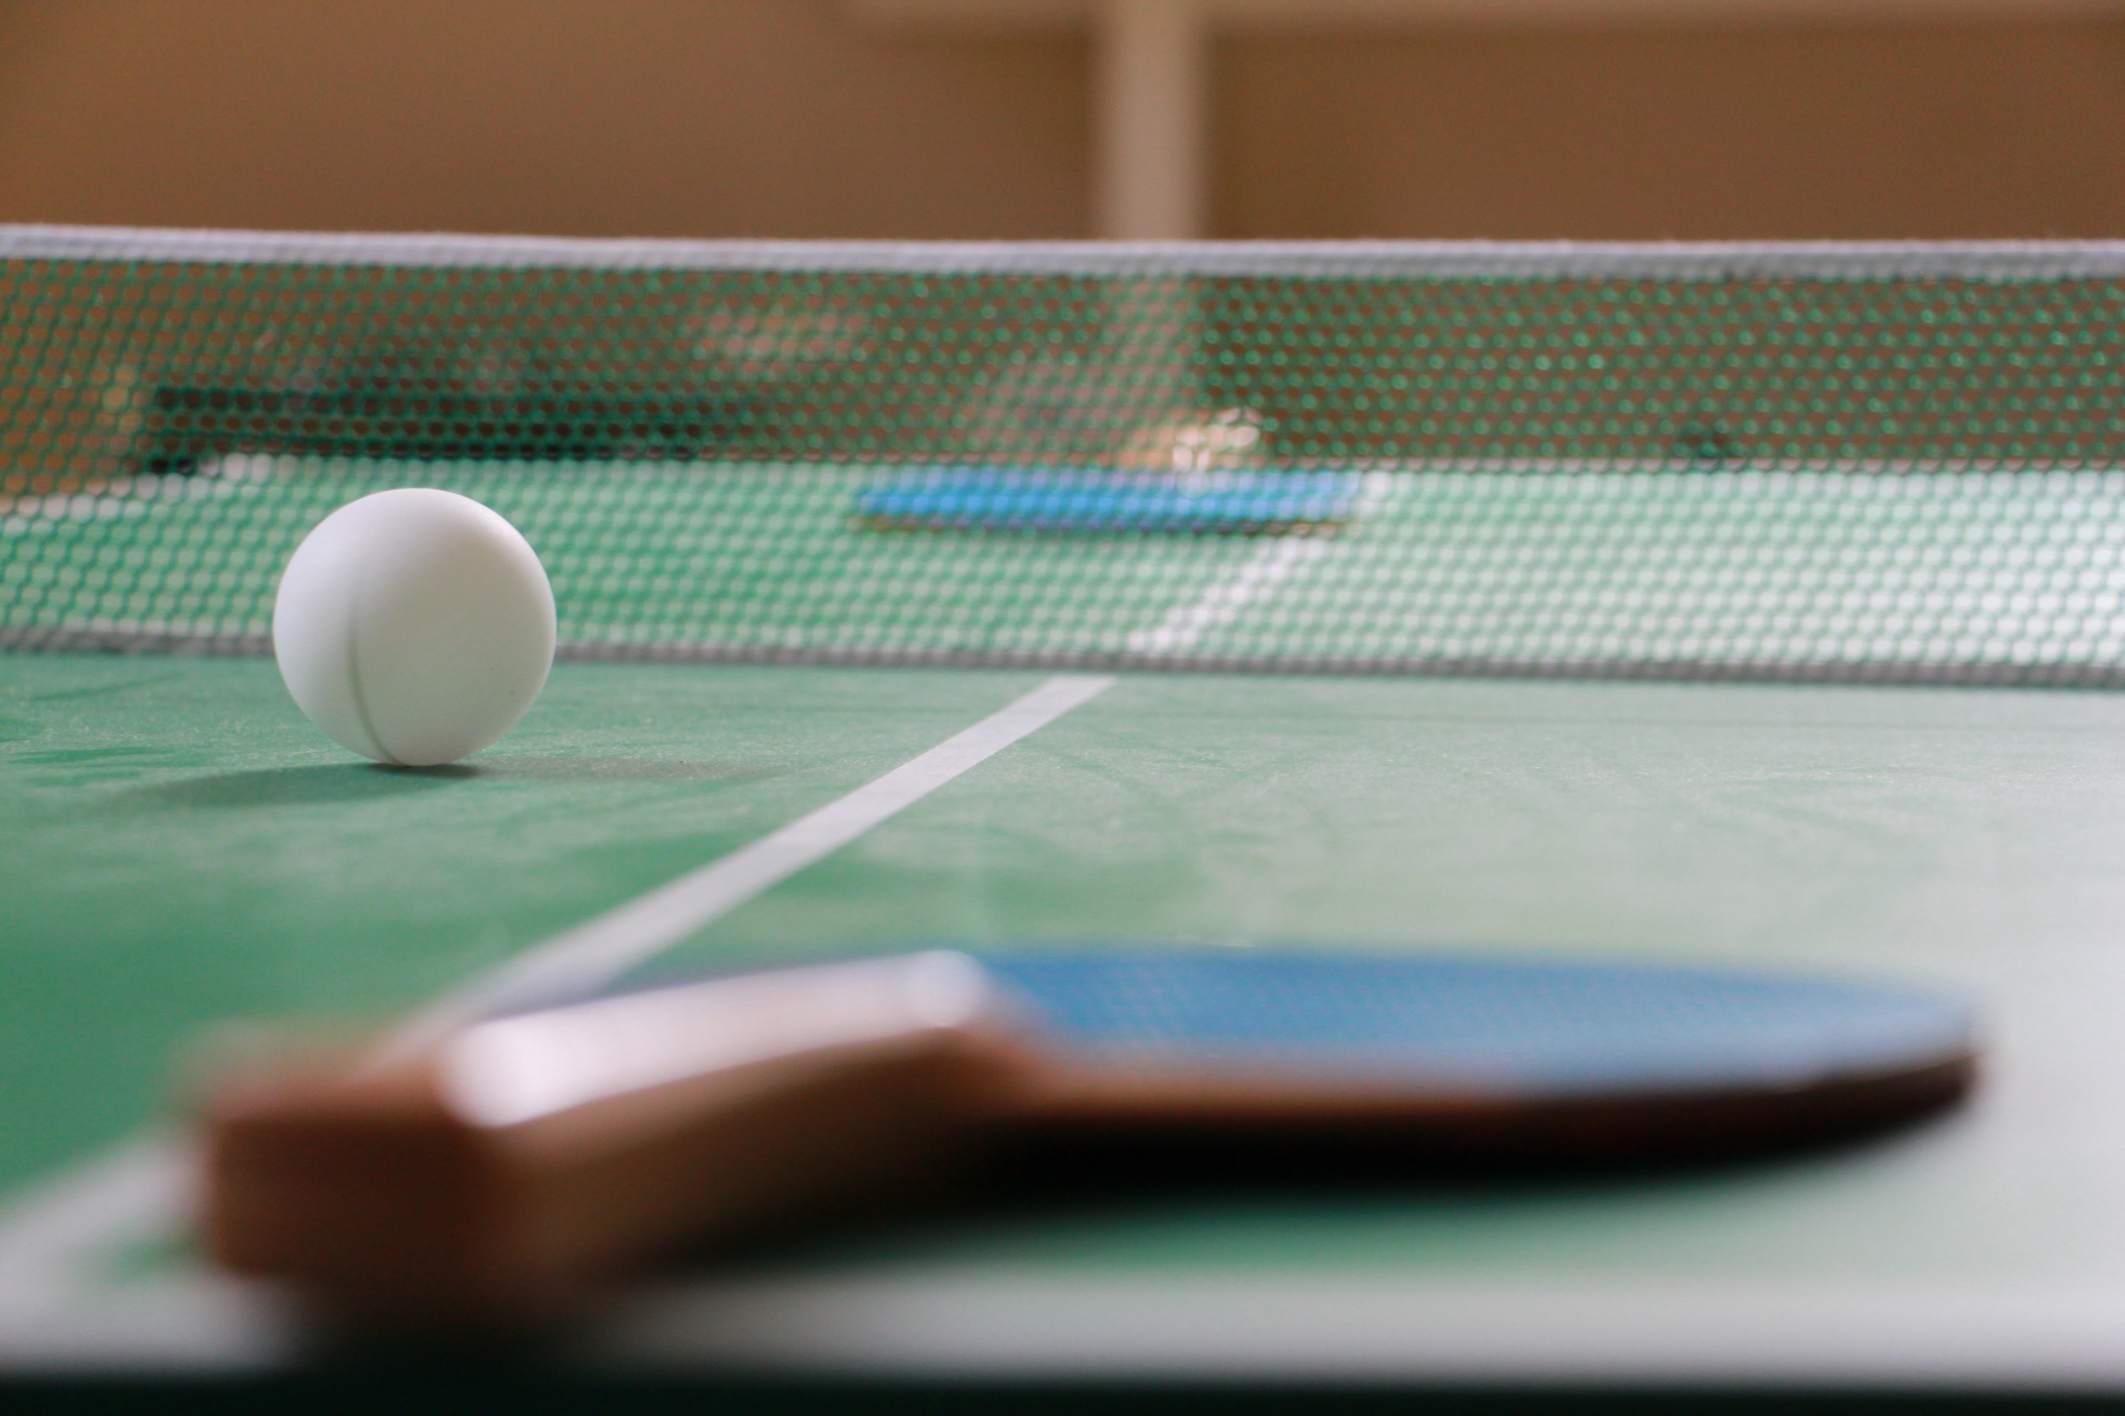 calorías quemadas jugando ping pong